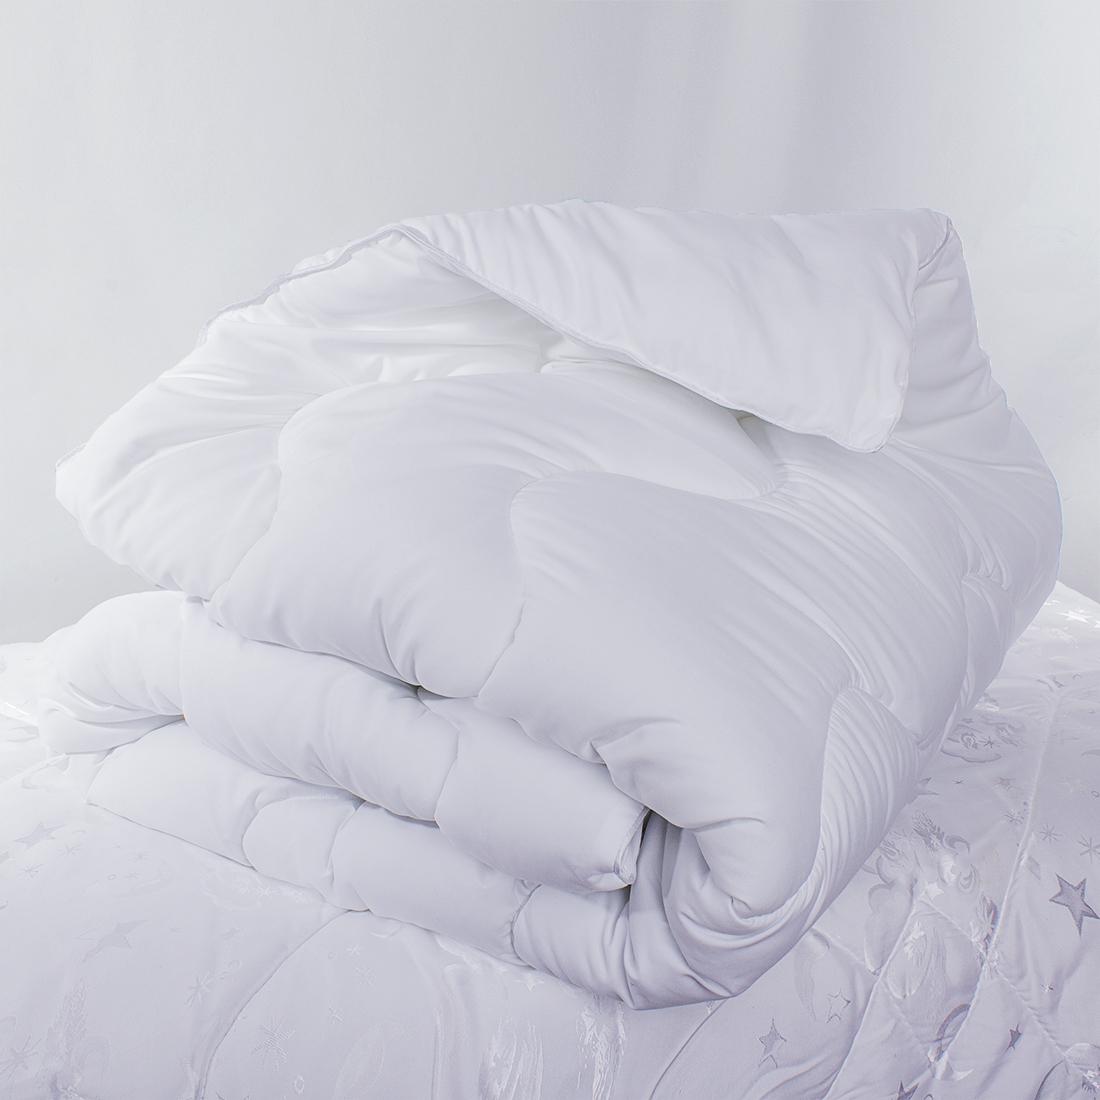 Одеяло «Sleep iX» изготовлено из силиконизированного волокна, полученного из тонких волокон полиэфира, обработанных силиконом. Наполнитель AirFluff толщиной всего 3 денье, потому очень податливый: в подушках упругий, а в одеялах - воздушный и легкий. Уникальная стежка AirFlex продлевает срок службы изделия, поддерживая наполнитель изнутри, а также придает одеялу необычайную пышность, благодаря чему тепло удерживается гораздо лучше, чем в стеганых одеялах или прошитых на многоигольной машине.Материал чехла MicroSkin - это гладкая и шелковистая ткань с легким блеском, по своему виду не уступающая натуральному хлопку. Кант делают из атласа или вискозы, он помогает изделию держать форму в течение многих лет. Кант есть на многих объемных изделиях из текстиля, иногда его могут дополнительно прострочить по периметру или сделать широким.Такое одеяло очень хорошо сохраняет тепло, приятно на ощупь, прочно и устойчиво к стирке.